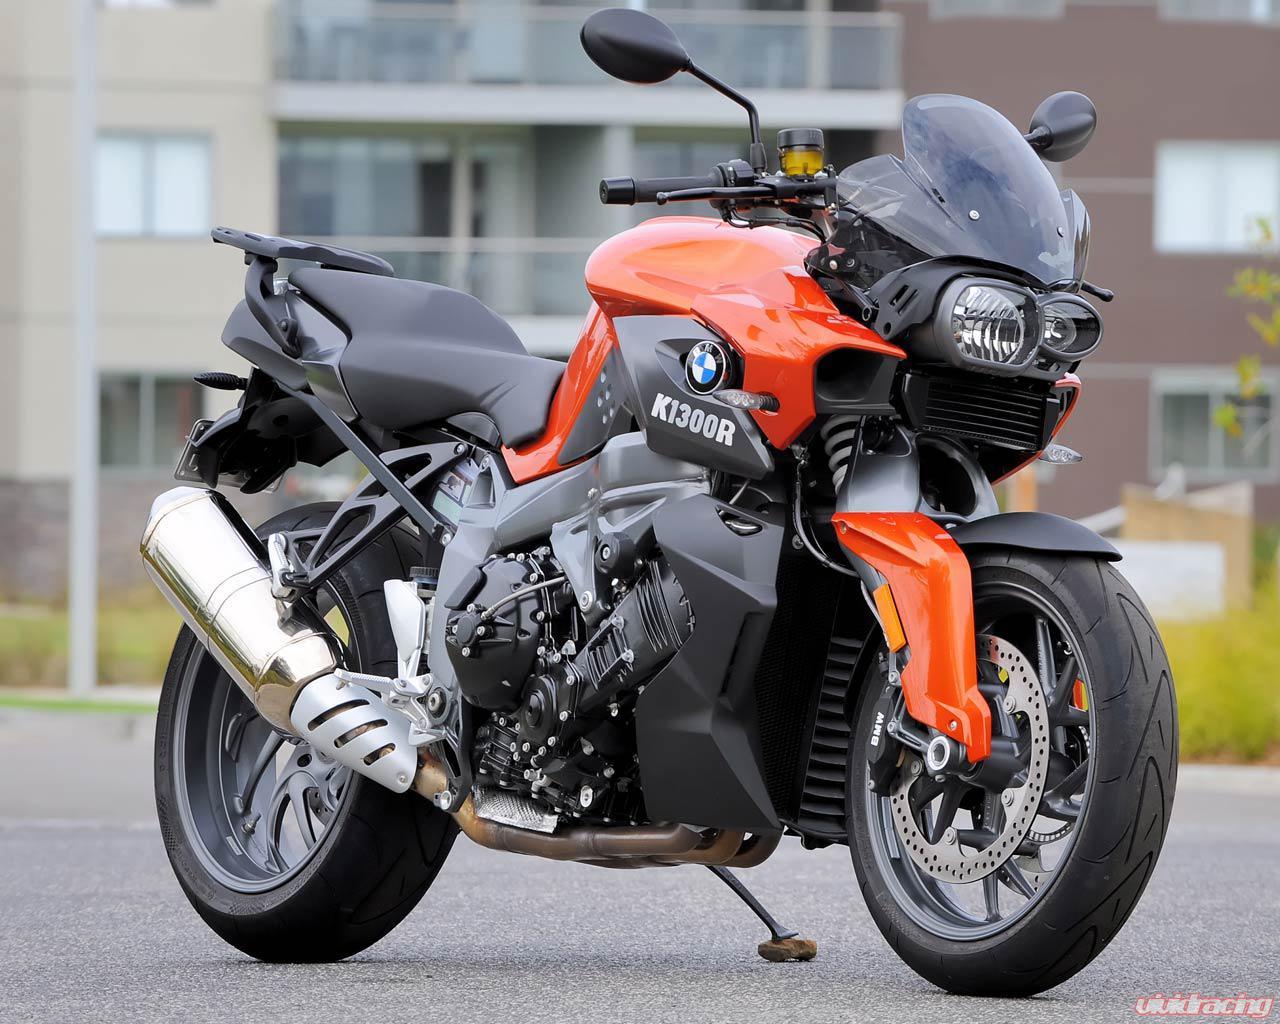 Vr Tuned Ecu Flash Tune Bmw Motorrad K1300r 173hp